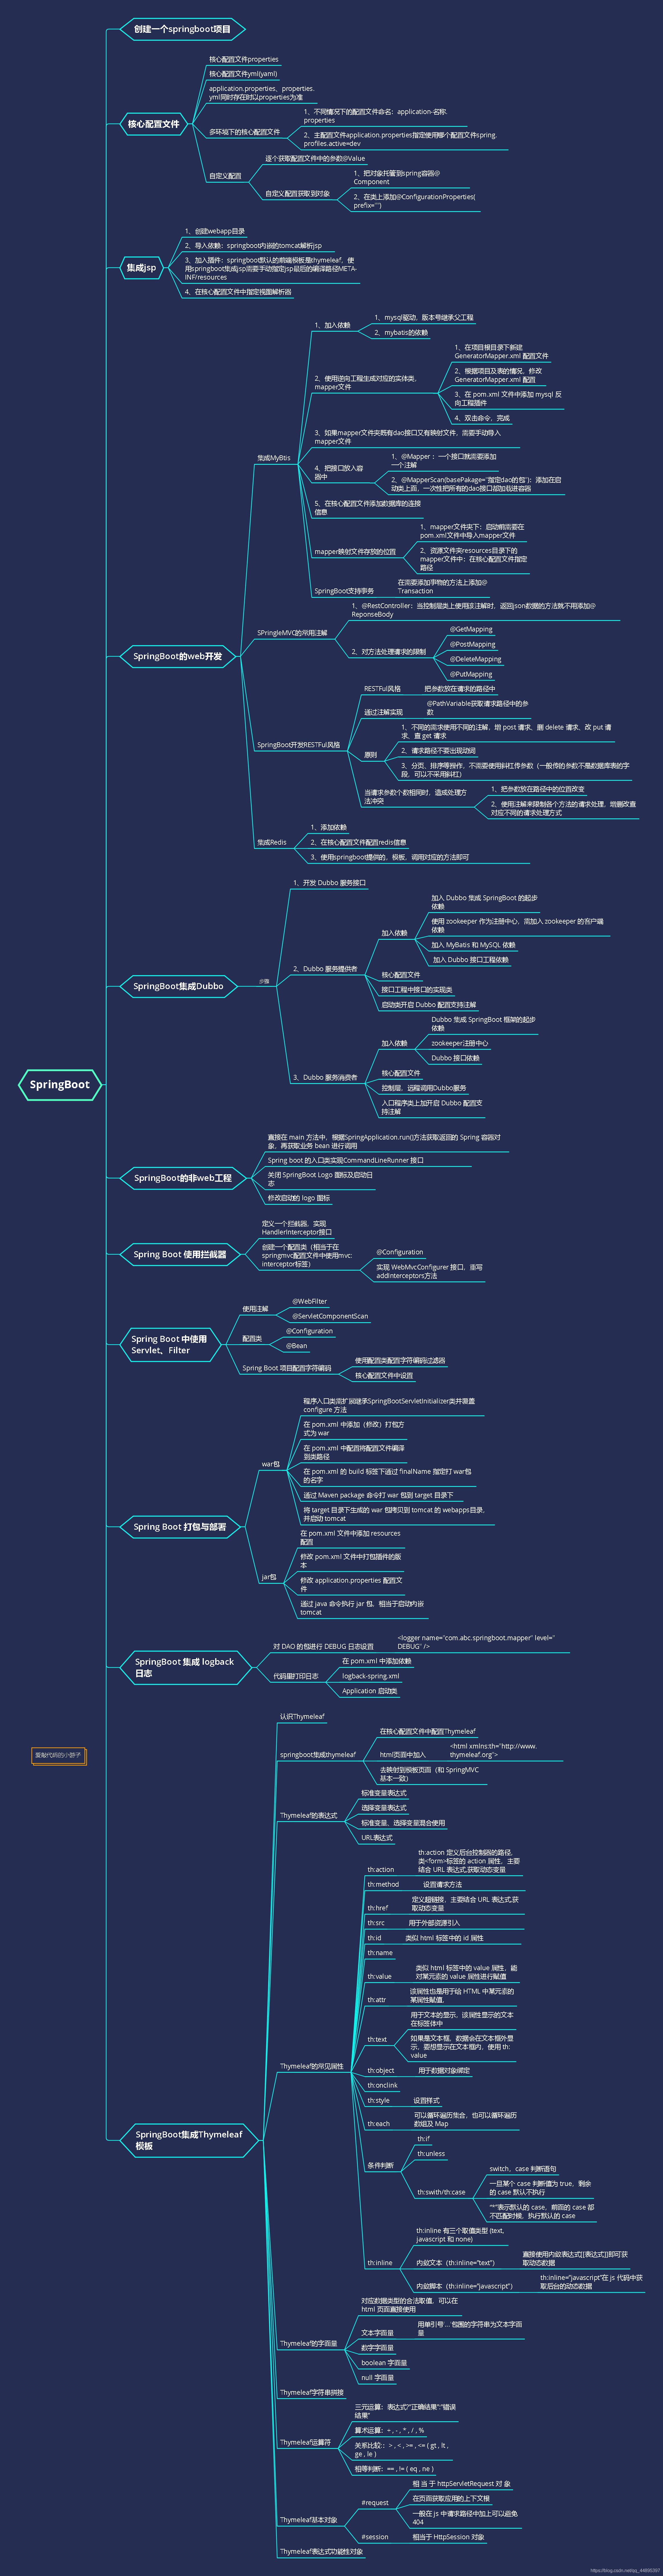 SpringBoot思维导图(SpringBoot基础部分汇总)